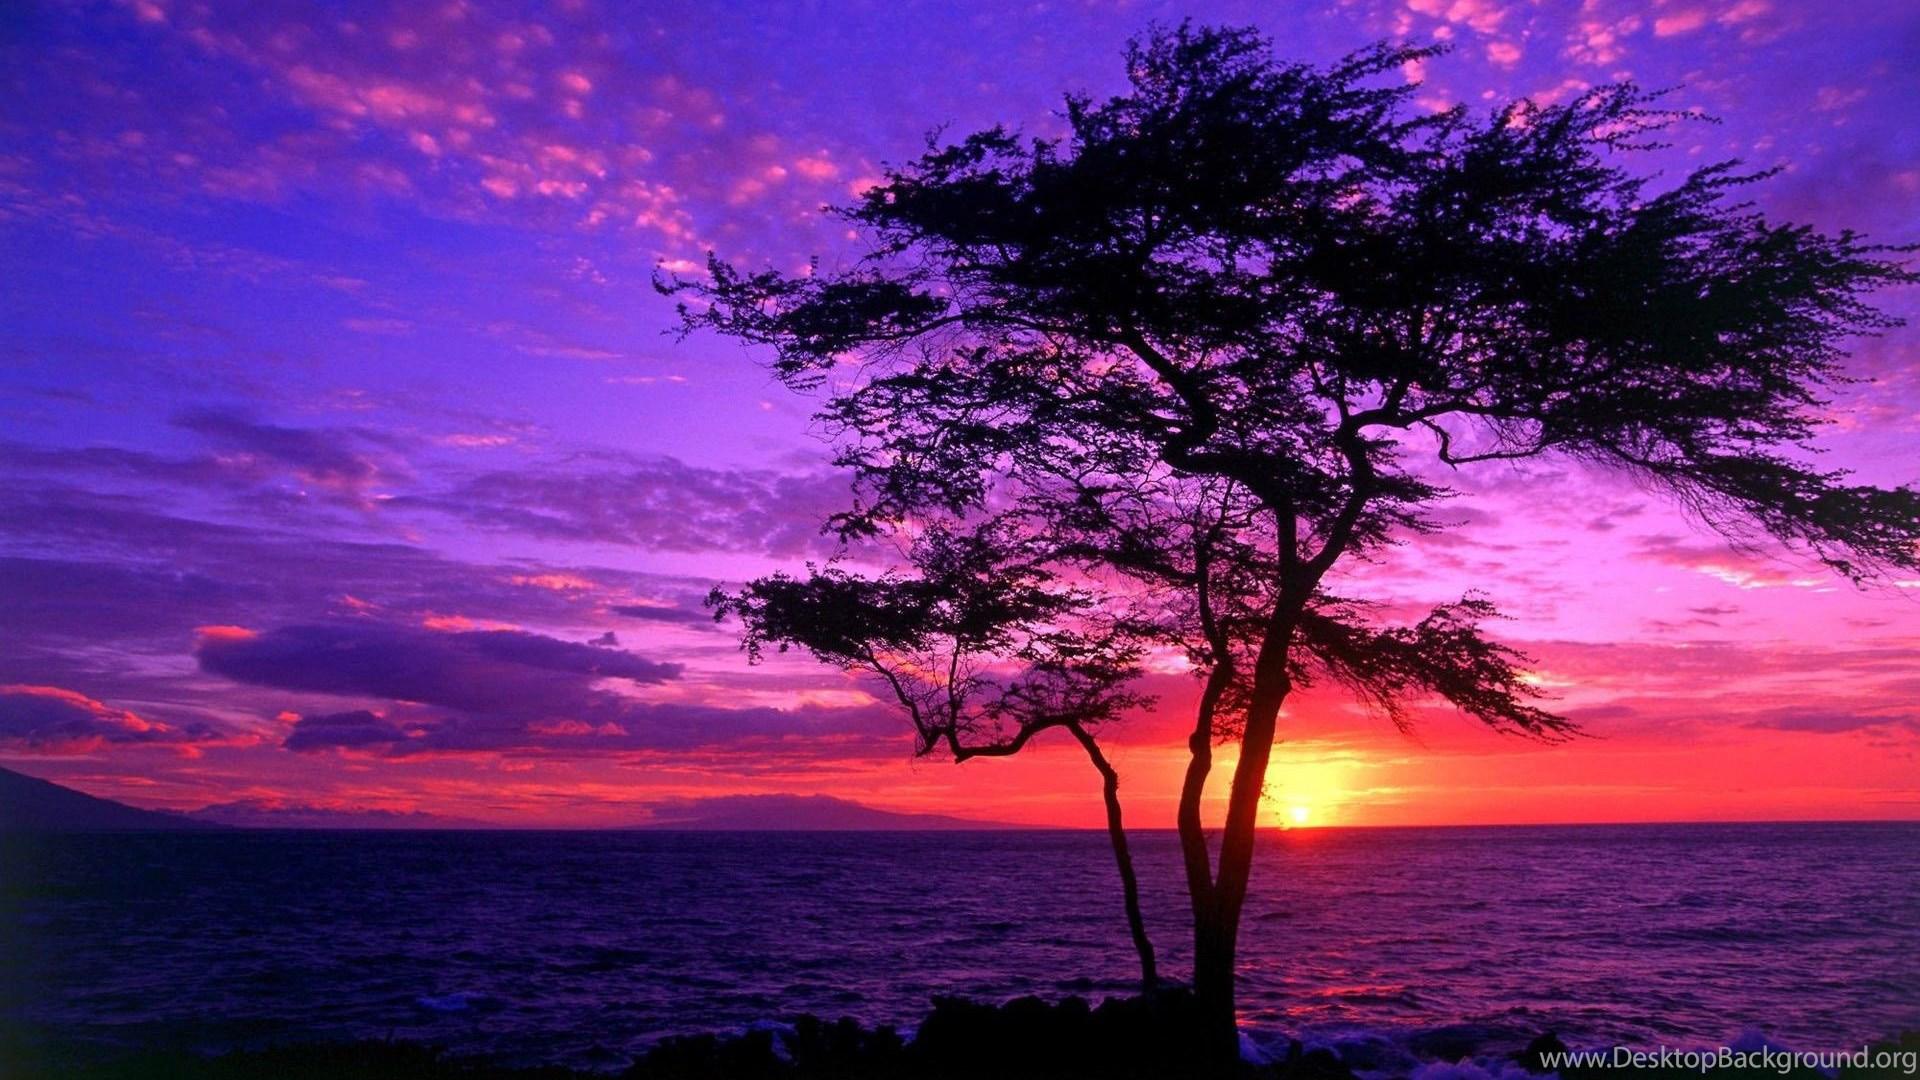 Purple Sunset Desktop